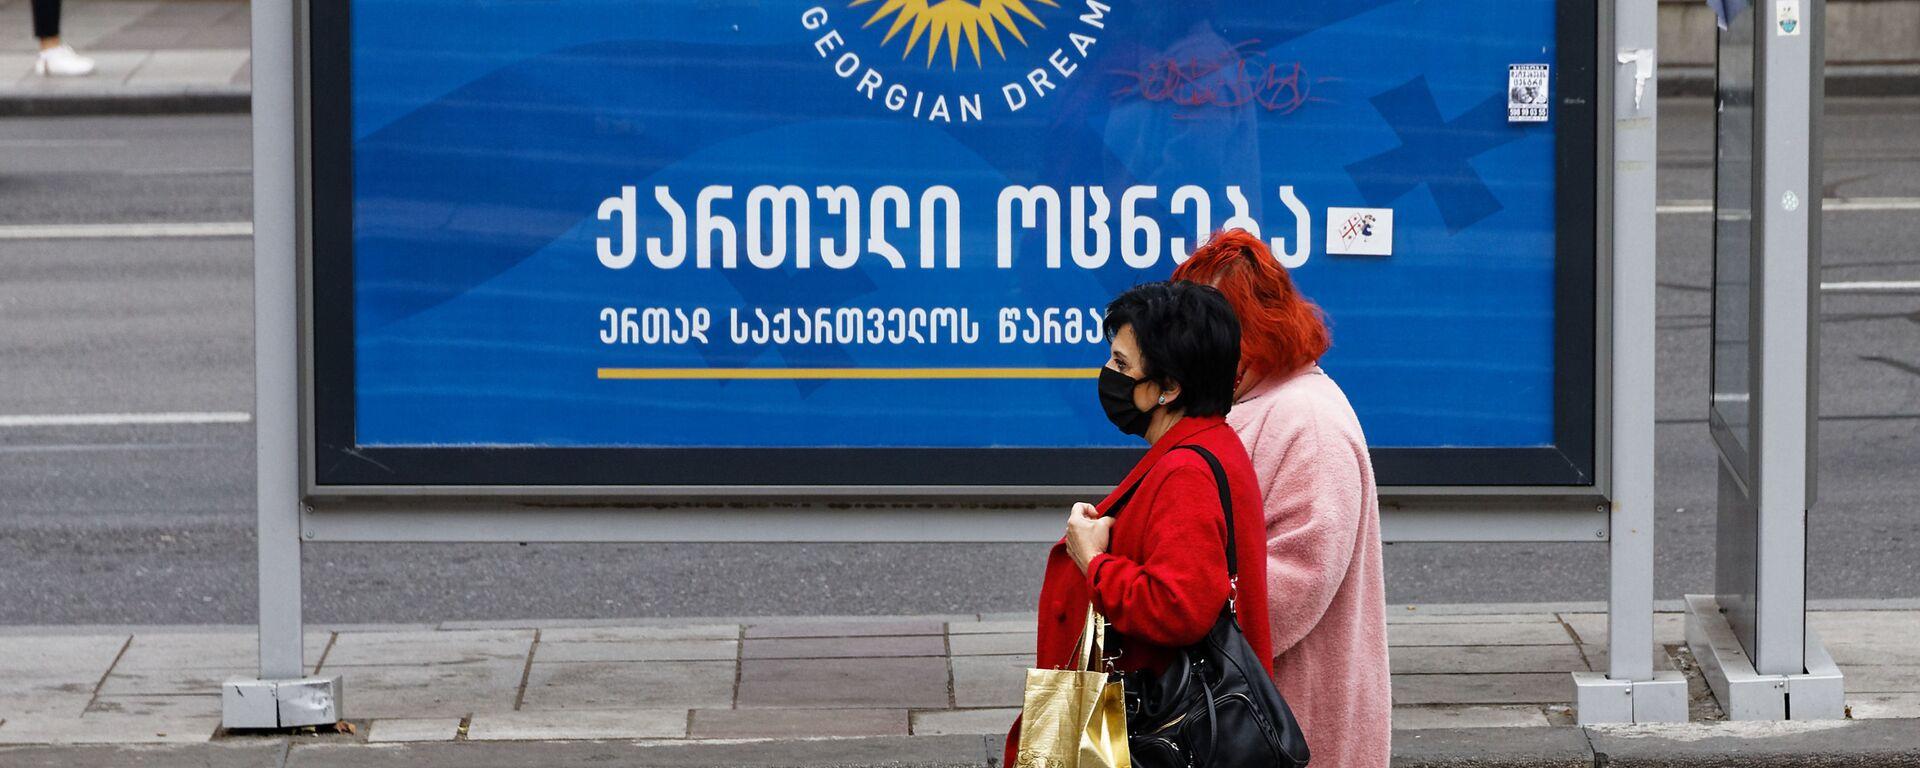 Баннер партии Грузинская мечта - мимо остановки идут женщины в масках защищаясь от коронавируса - Sputnik Грузия, 1920, 19.09.2021